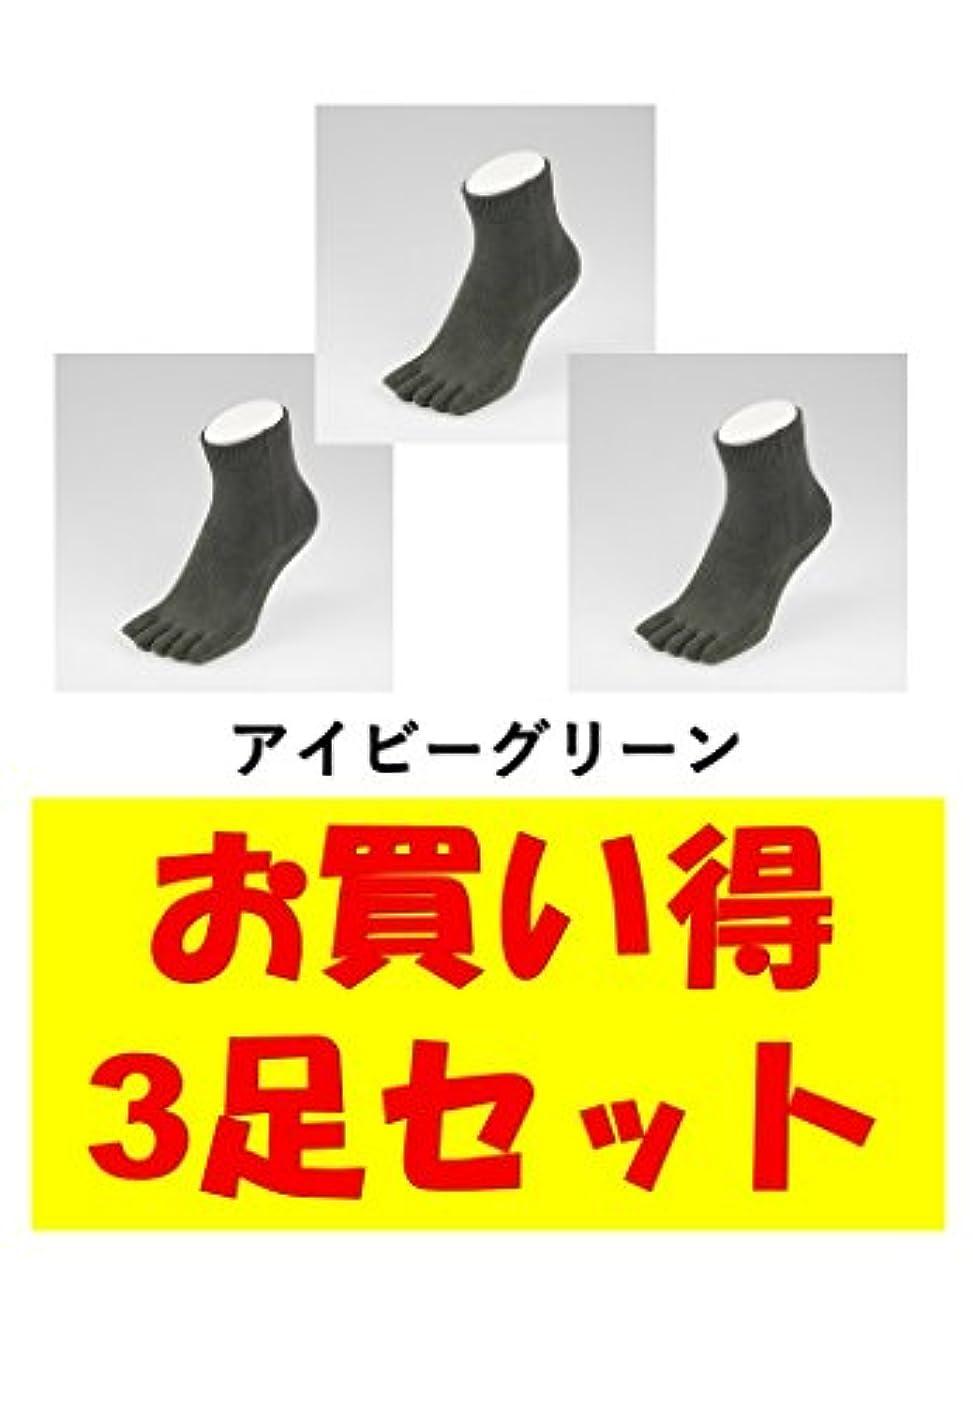 誠意コンソールローンお買い得3足セット 5本指 ゆびのばソックス Neo EVE(イヴ) アイビーグリーン Sサイズ(21.0cm - 24.0cm) YSNEVE-IGR